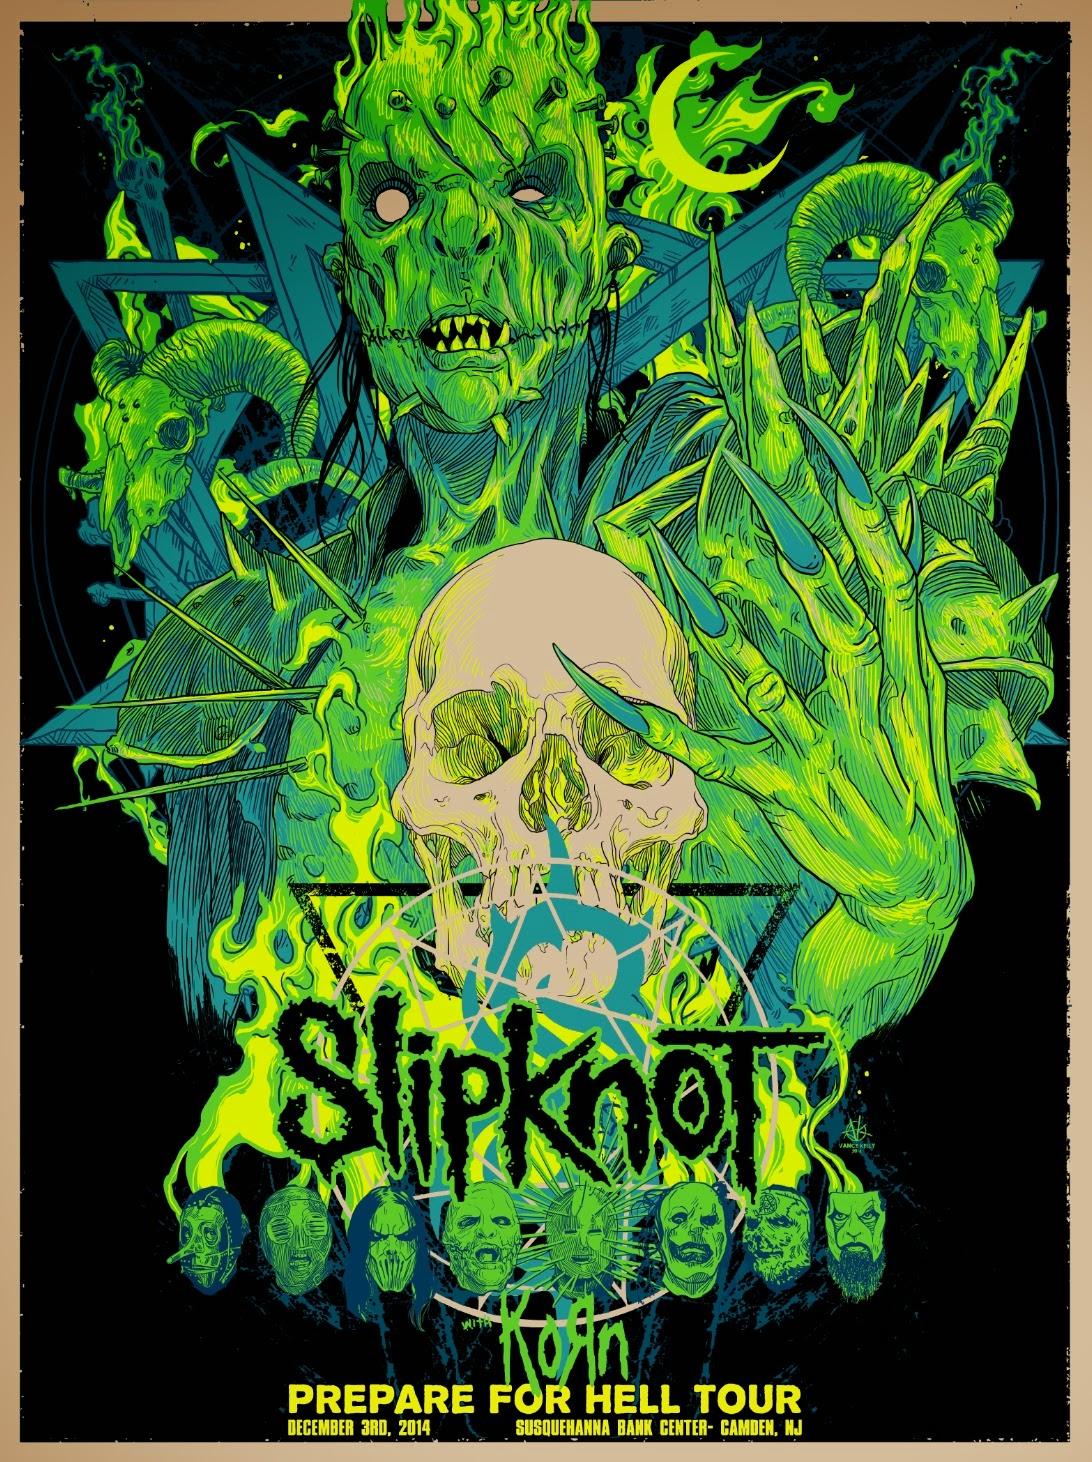 Inside The Rock Poster Frame Blog Vance Kelly Slipknot